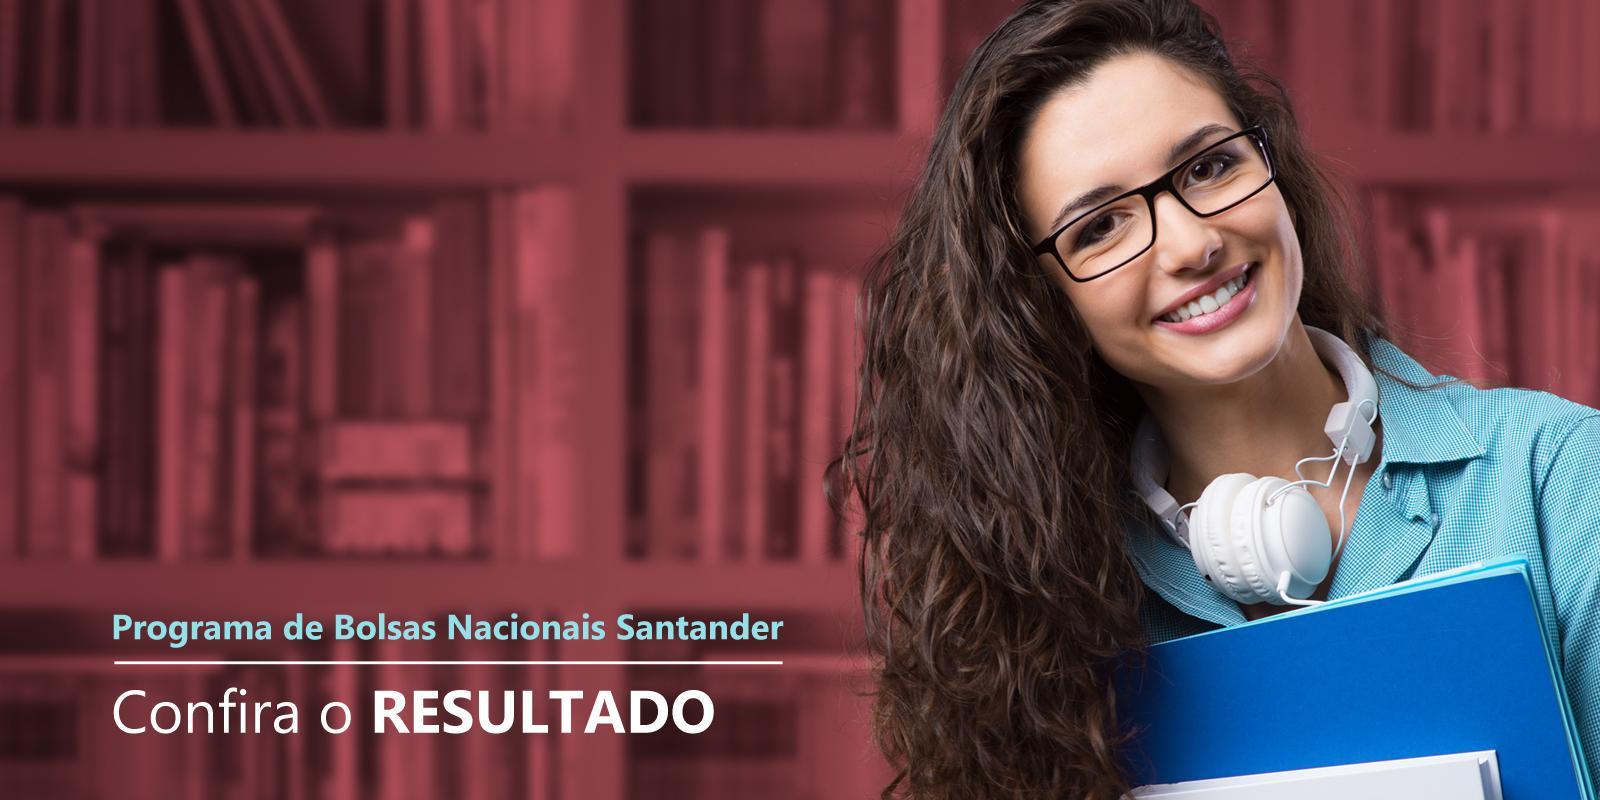 Resultado do processo de seleção do Programa de Bolsas Nacionais Santander